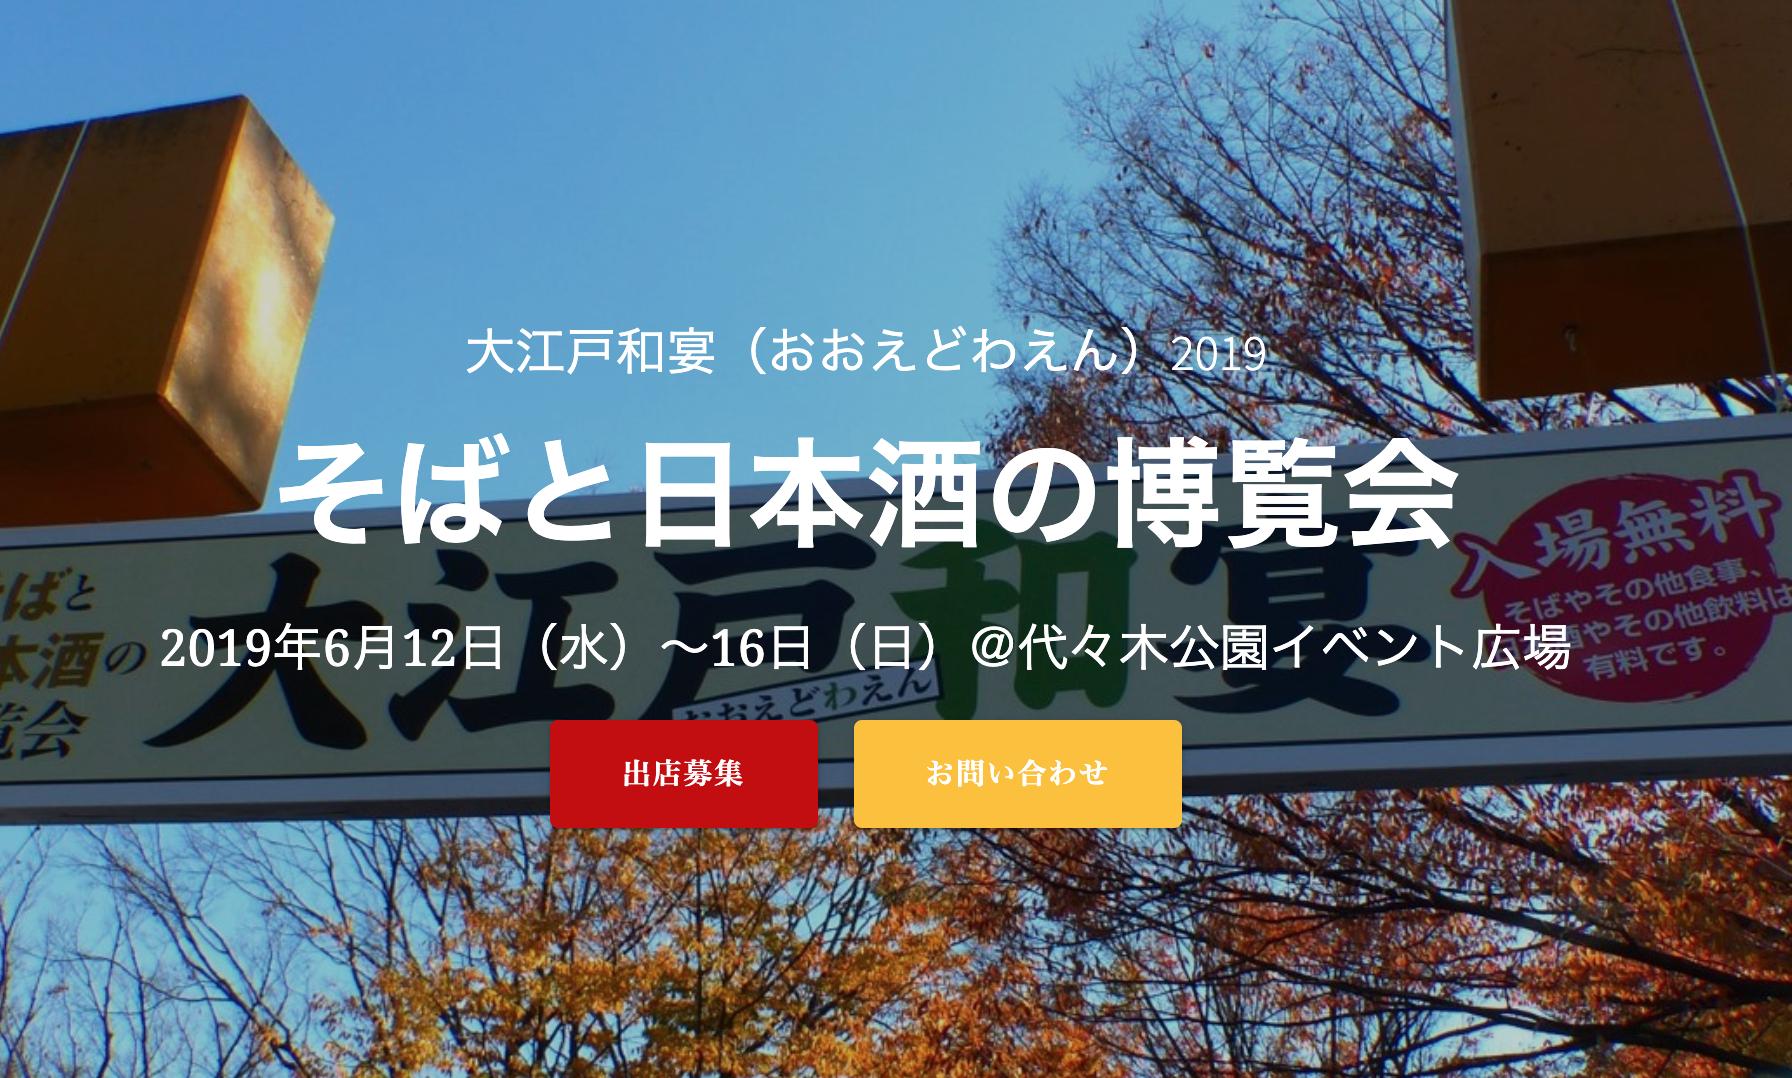 そばと日本酒の博覧会 大江戸和宴2019